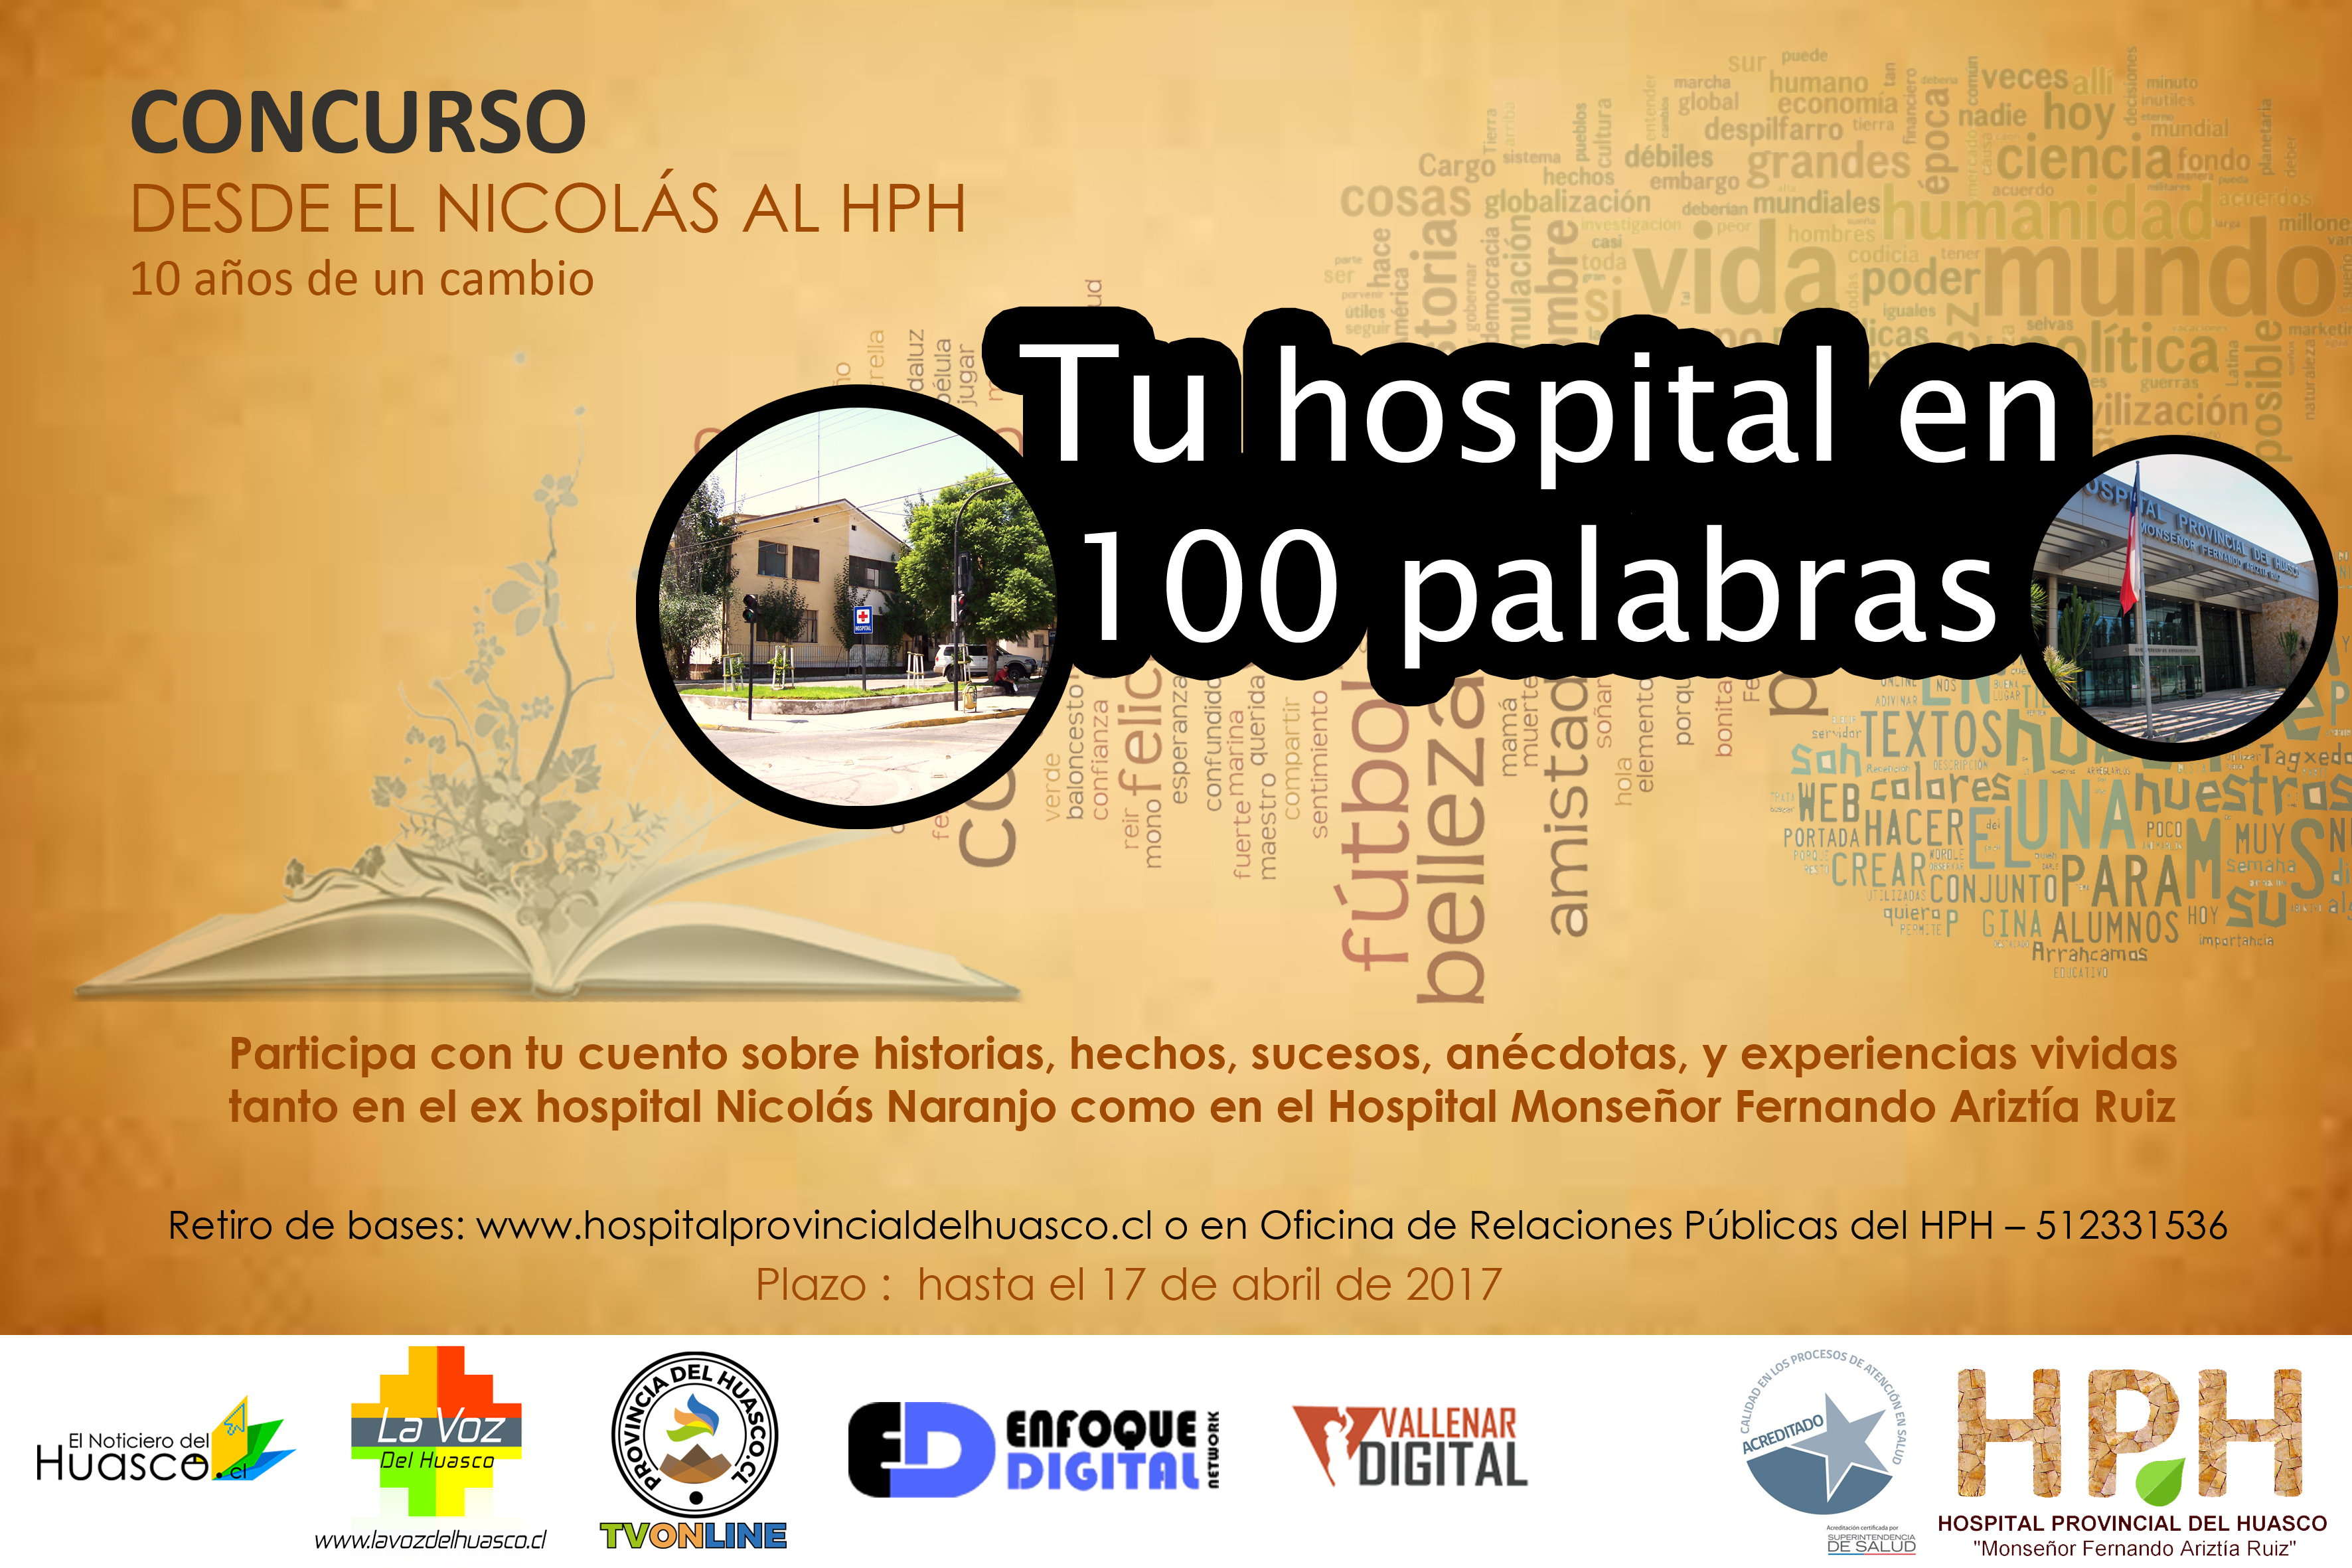 El lunes 17 de abril finaliza plazo para participar de concurso literario del hospital